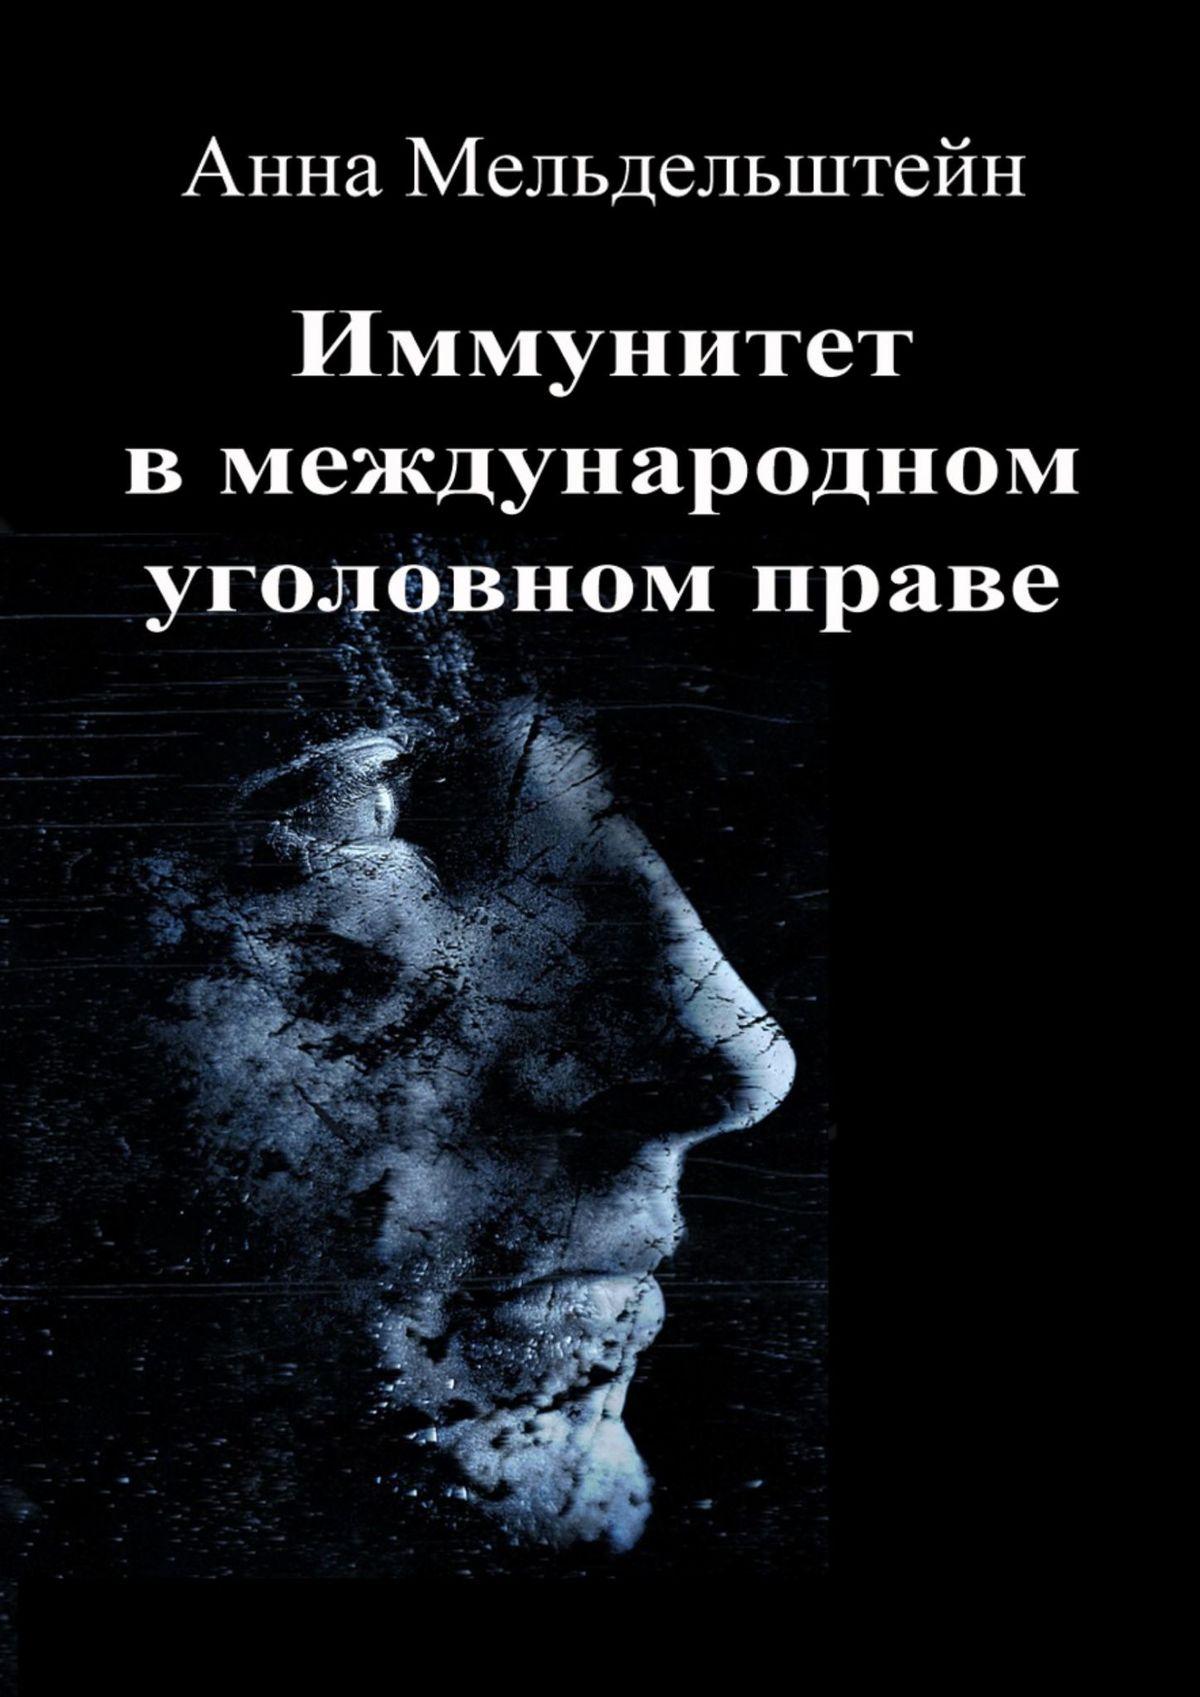 Анна Мельдельштейн Иммунитет вмеждународном уголовном праве